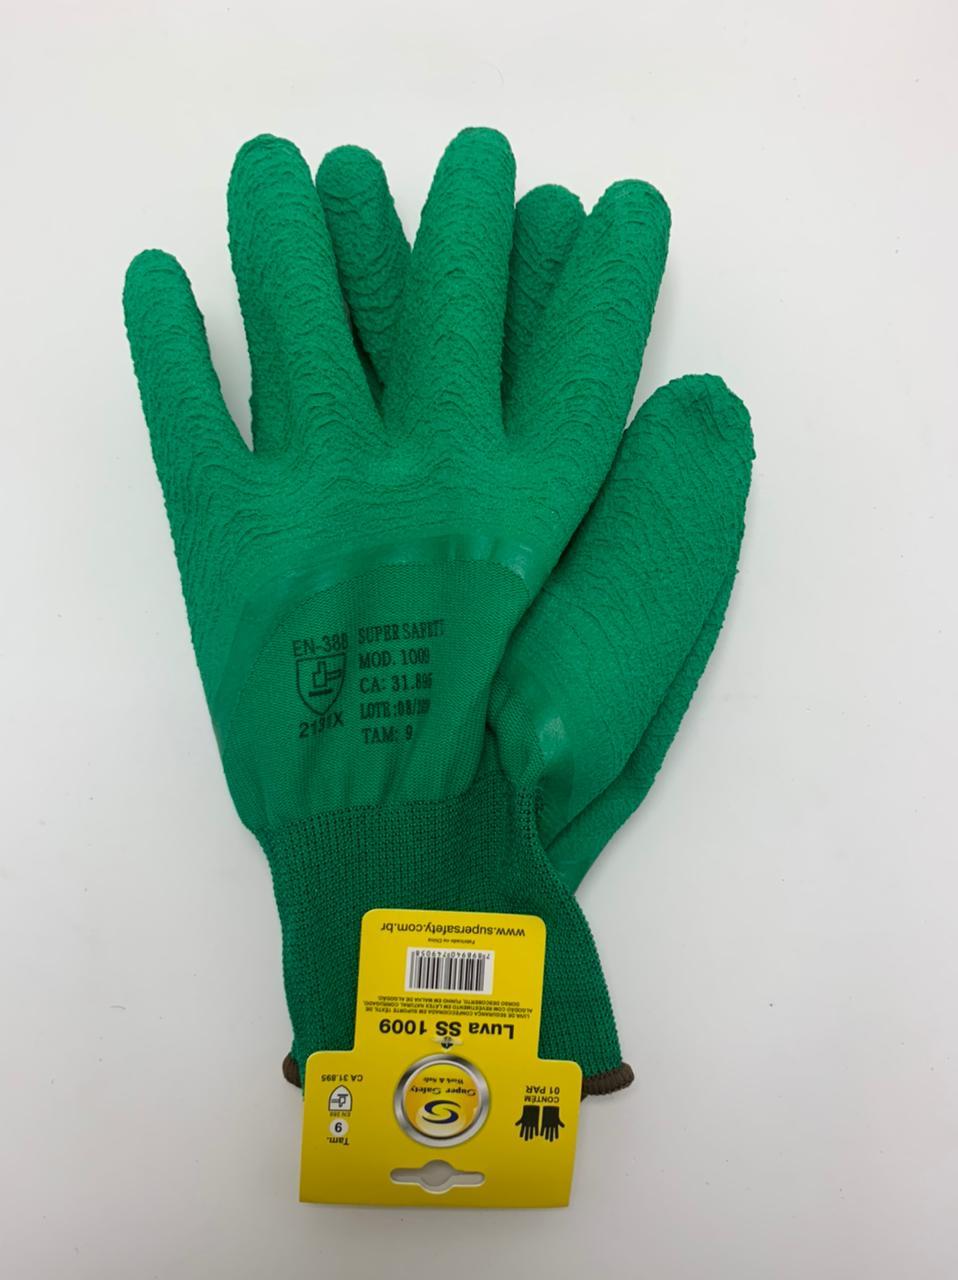 Kit 10 Pares Luva de segurança Super Safety ss1009 Verde Tam. 10(GG).